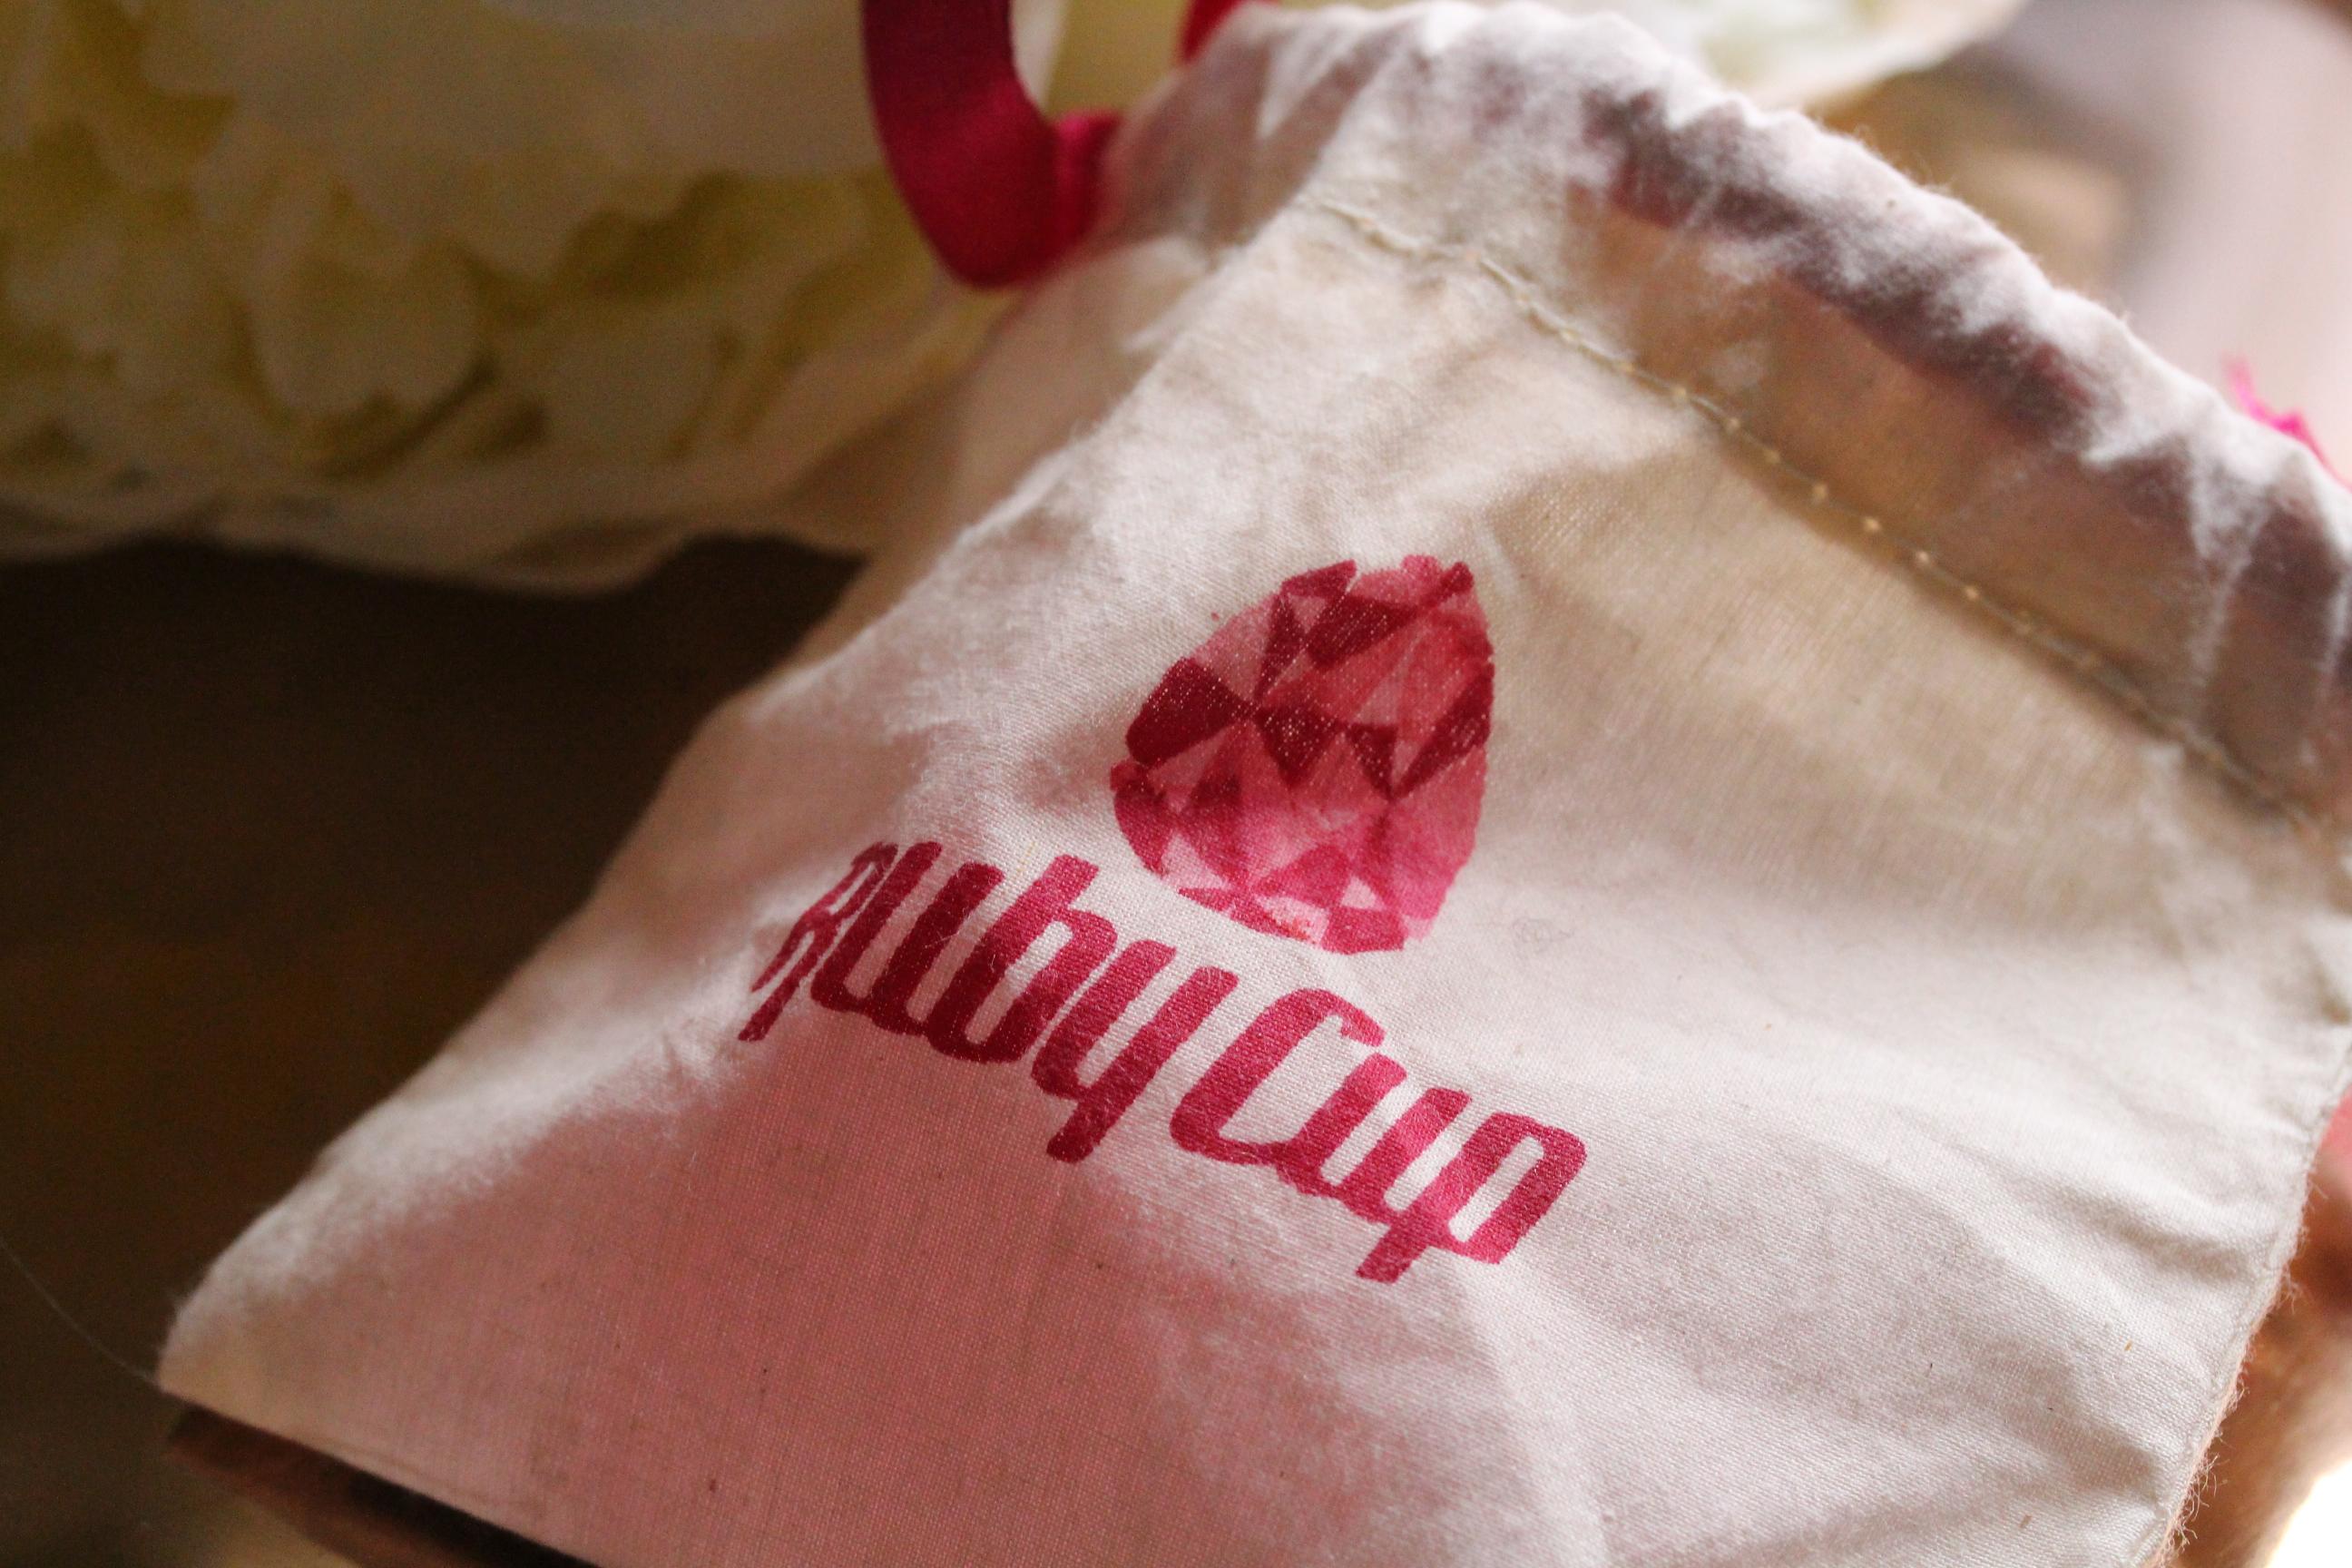 Hoch die Tassen – Erfahrungsbericht über die Menstruationstasse(n)